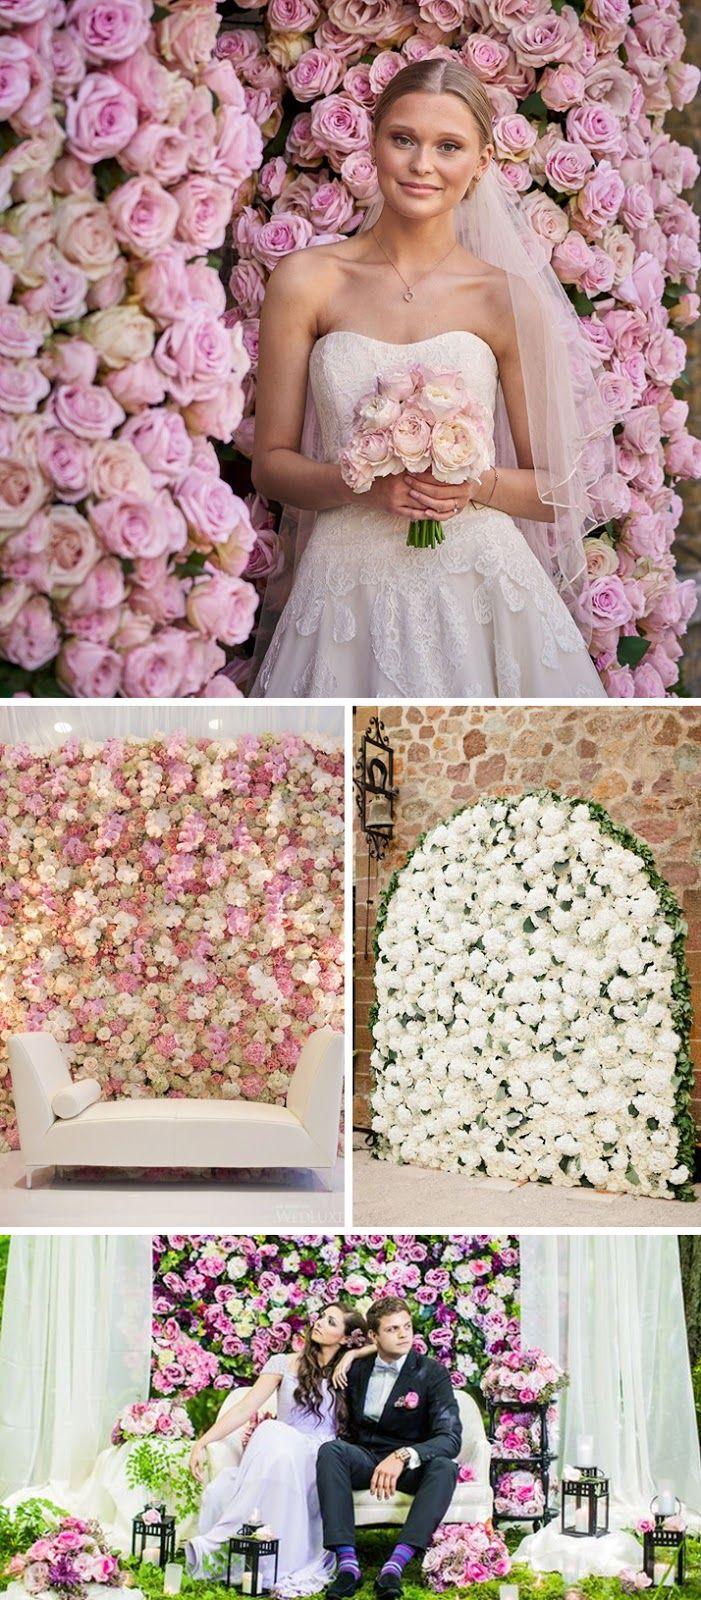 Tło do zdjęć - Ściana ze świeżych kwiatów lub ziół